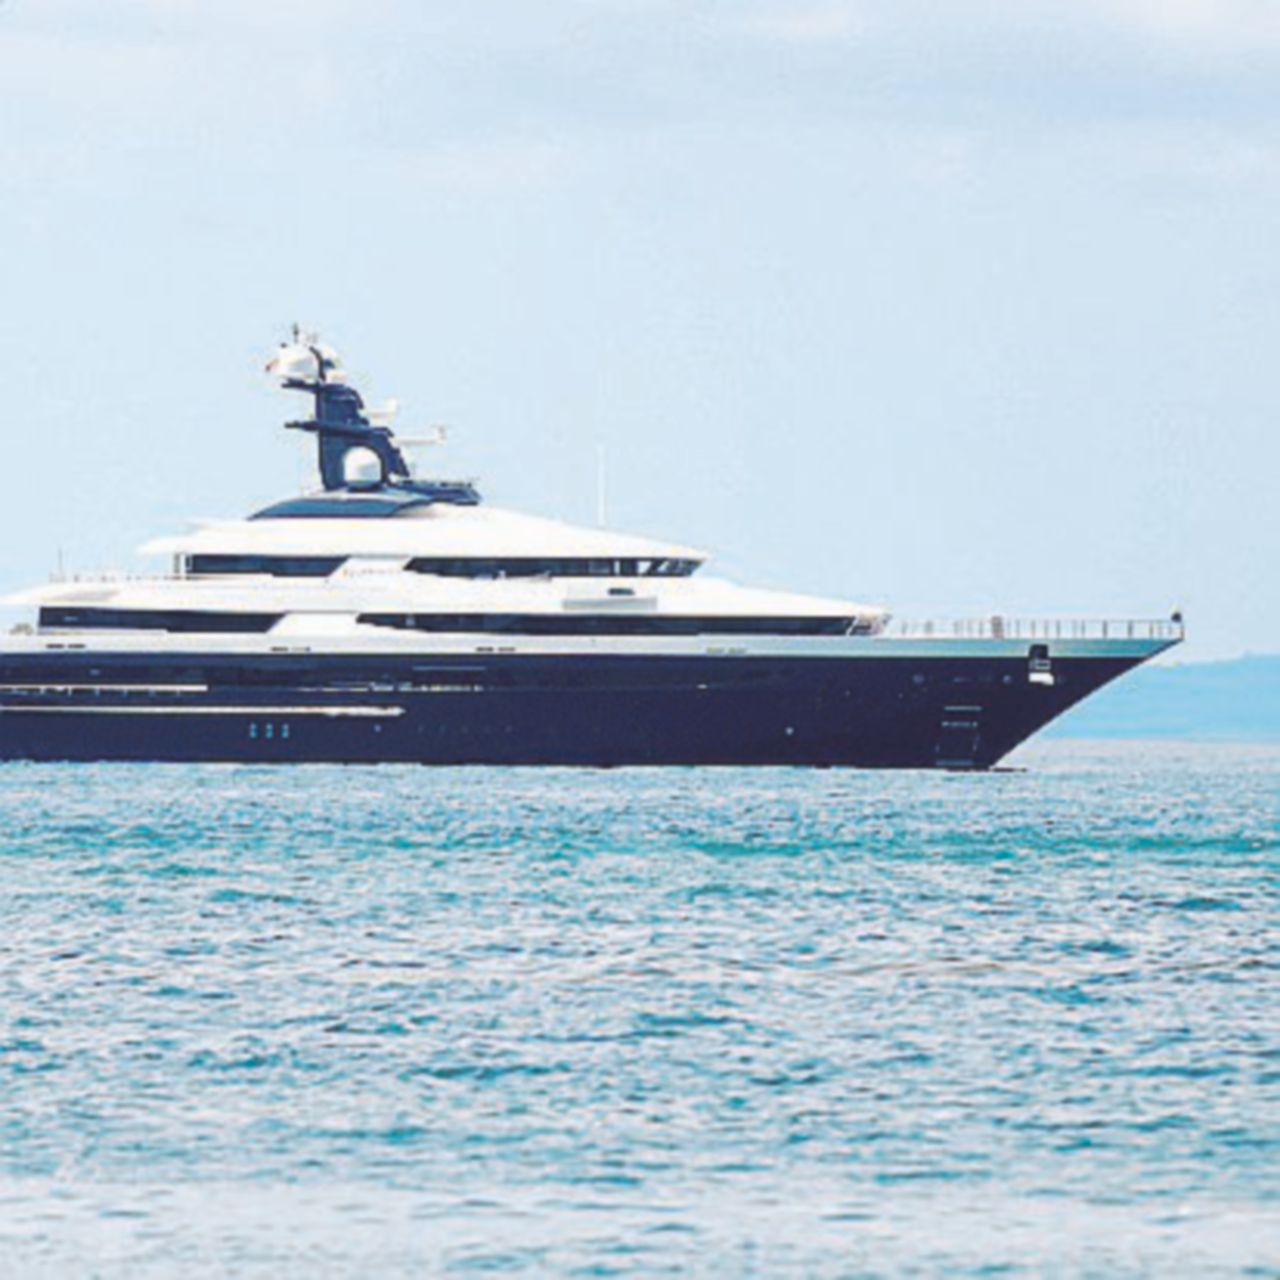 La barca (mai realizzata) a ridotto impatto ambientale